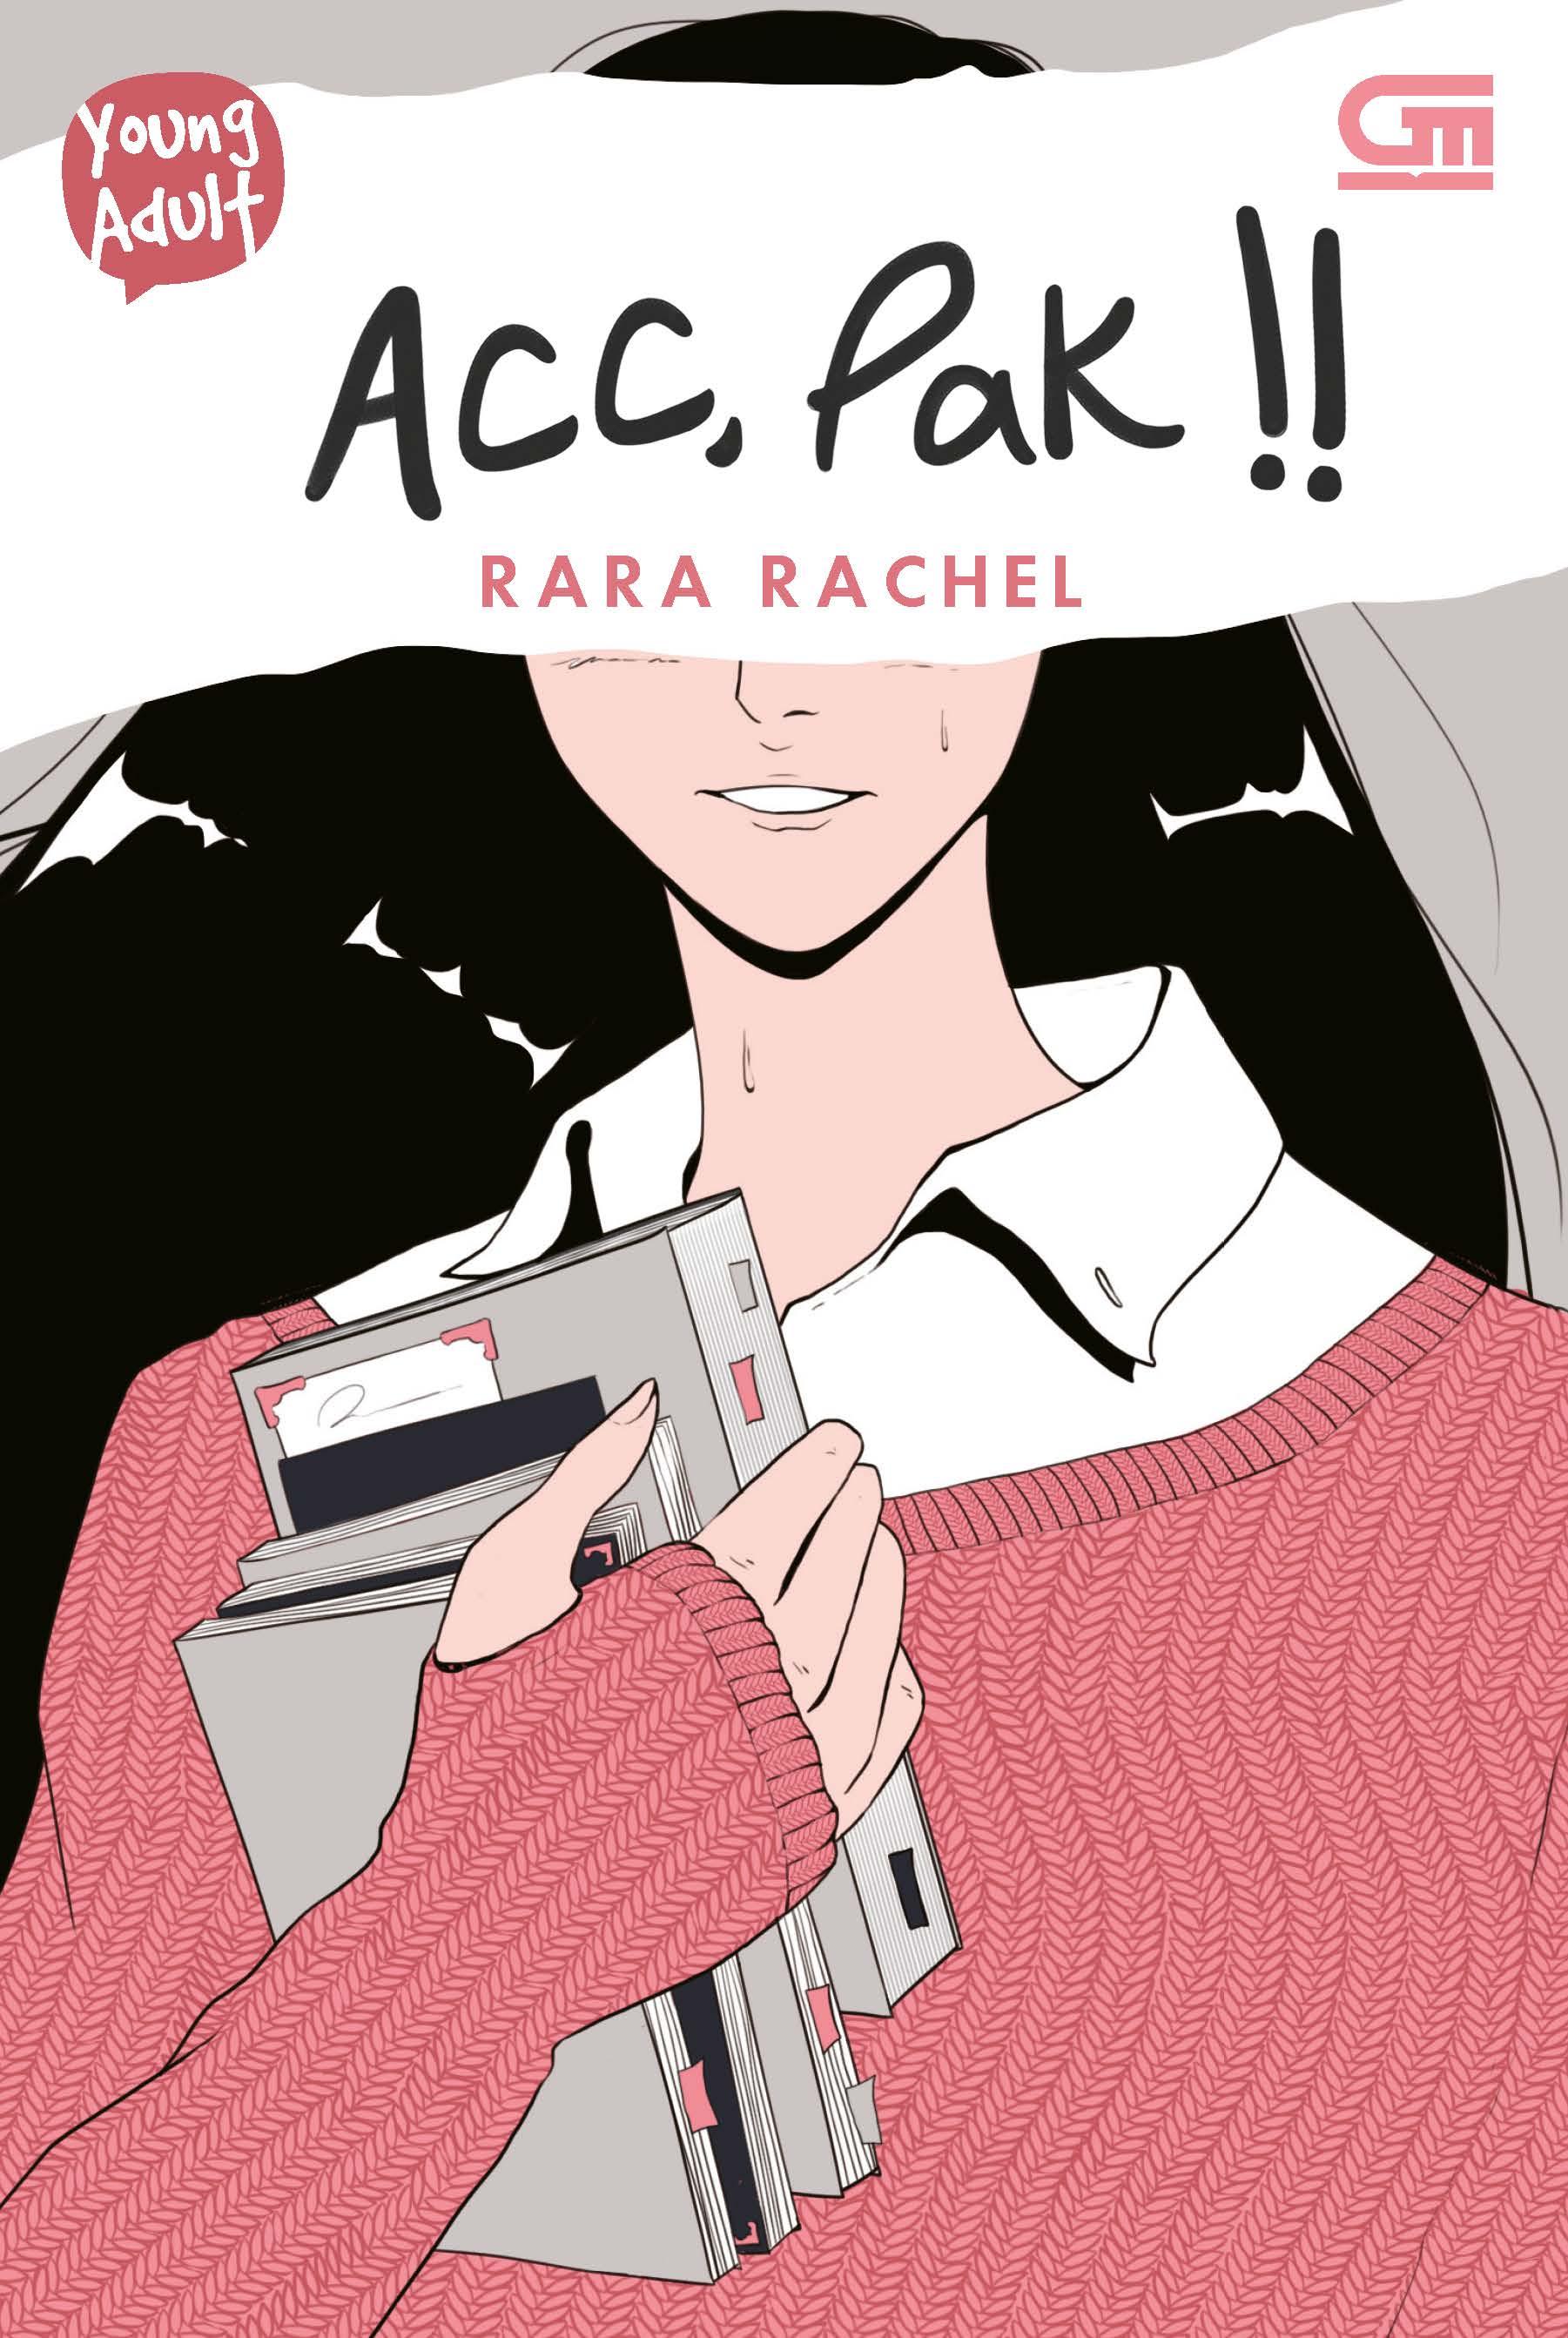 Acc, Pak!